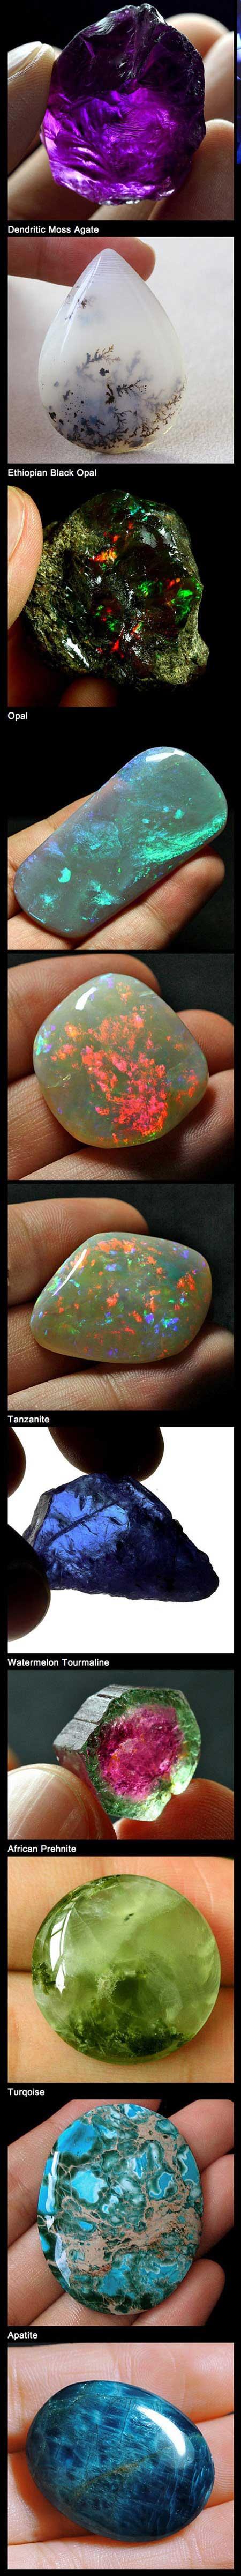 سنگ های عجیب الخلقه و بسیار زیبا